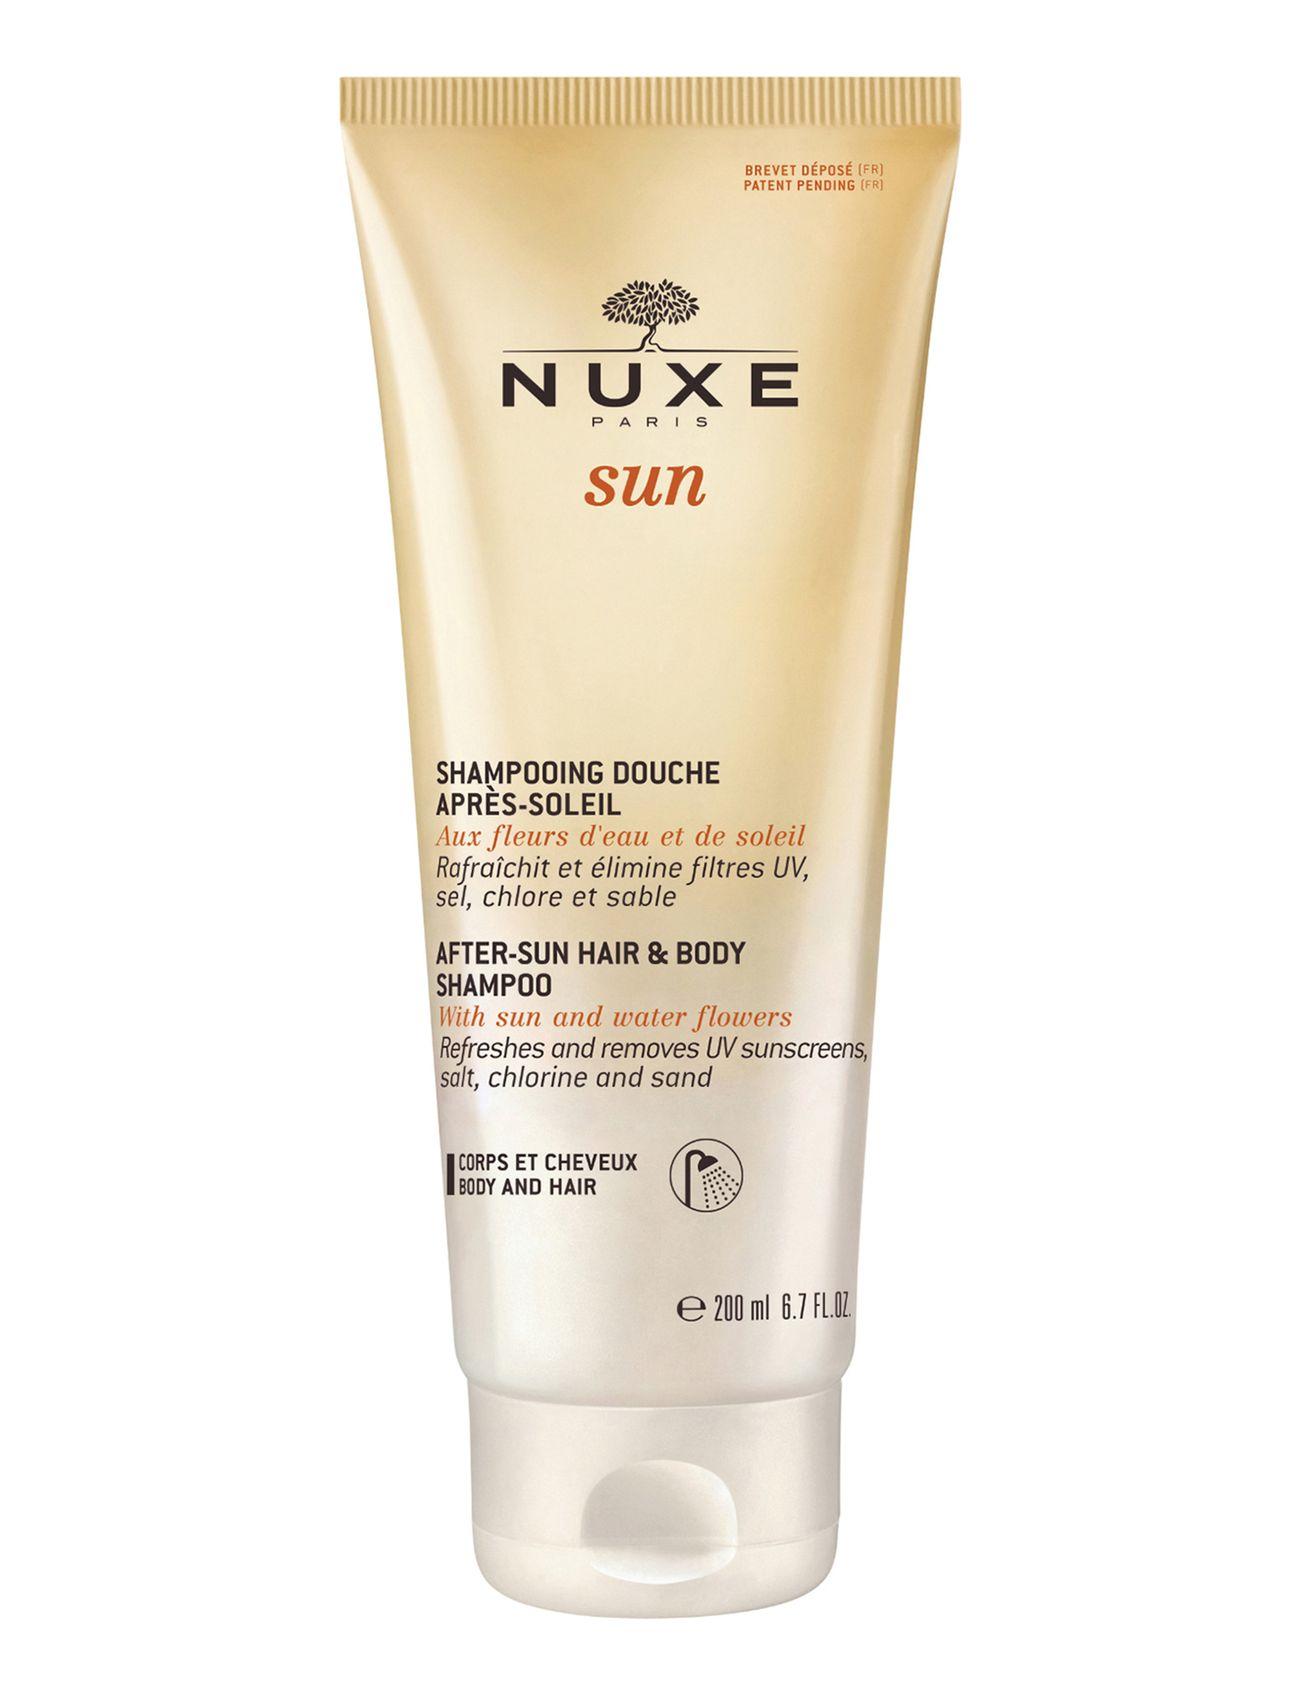 nuxe – Nuxe sun after-sun hair & body shampoo fra boozt.com dk